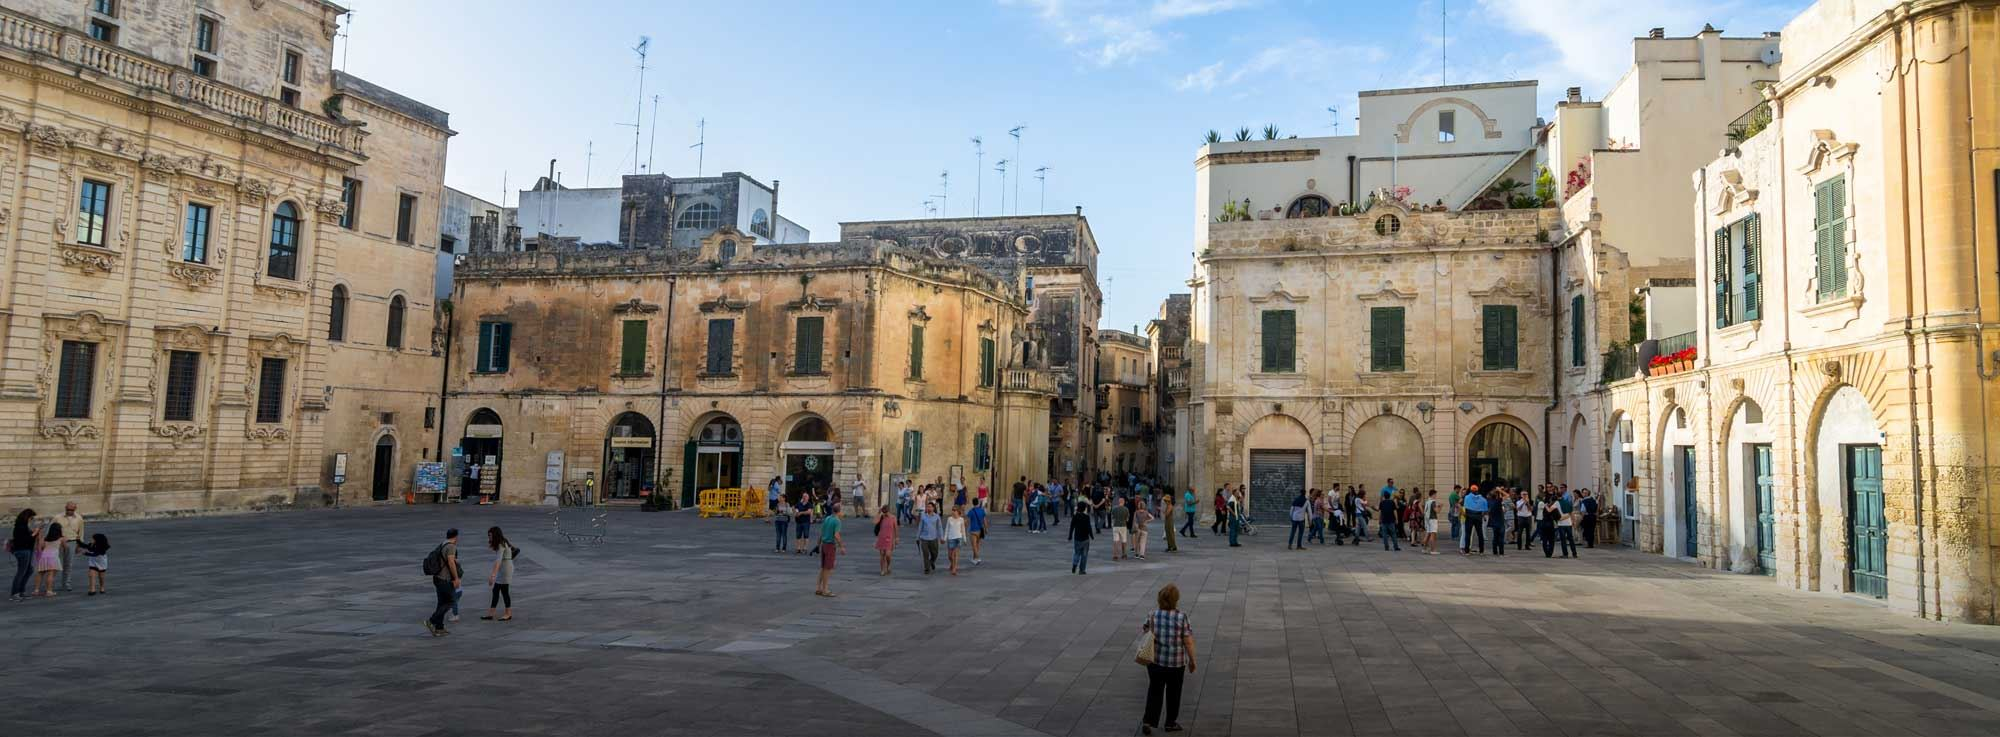 Novoli: Focara di Sant'Antonio